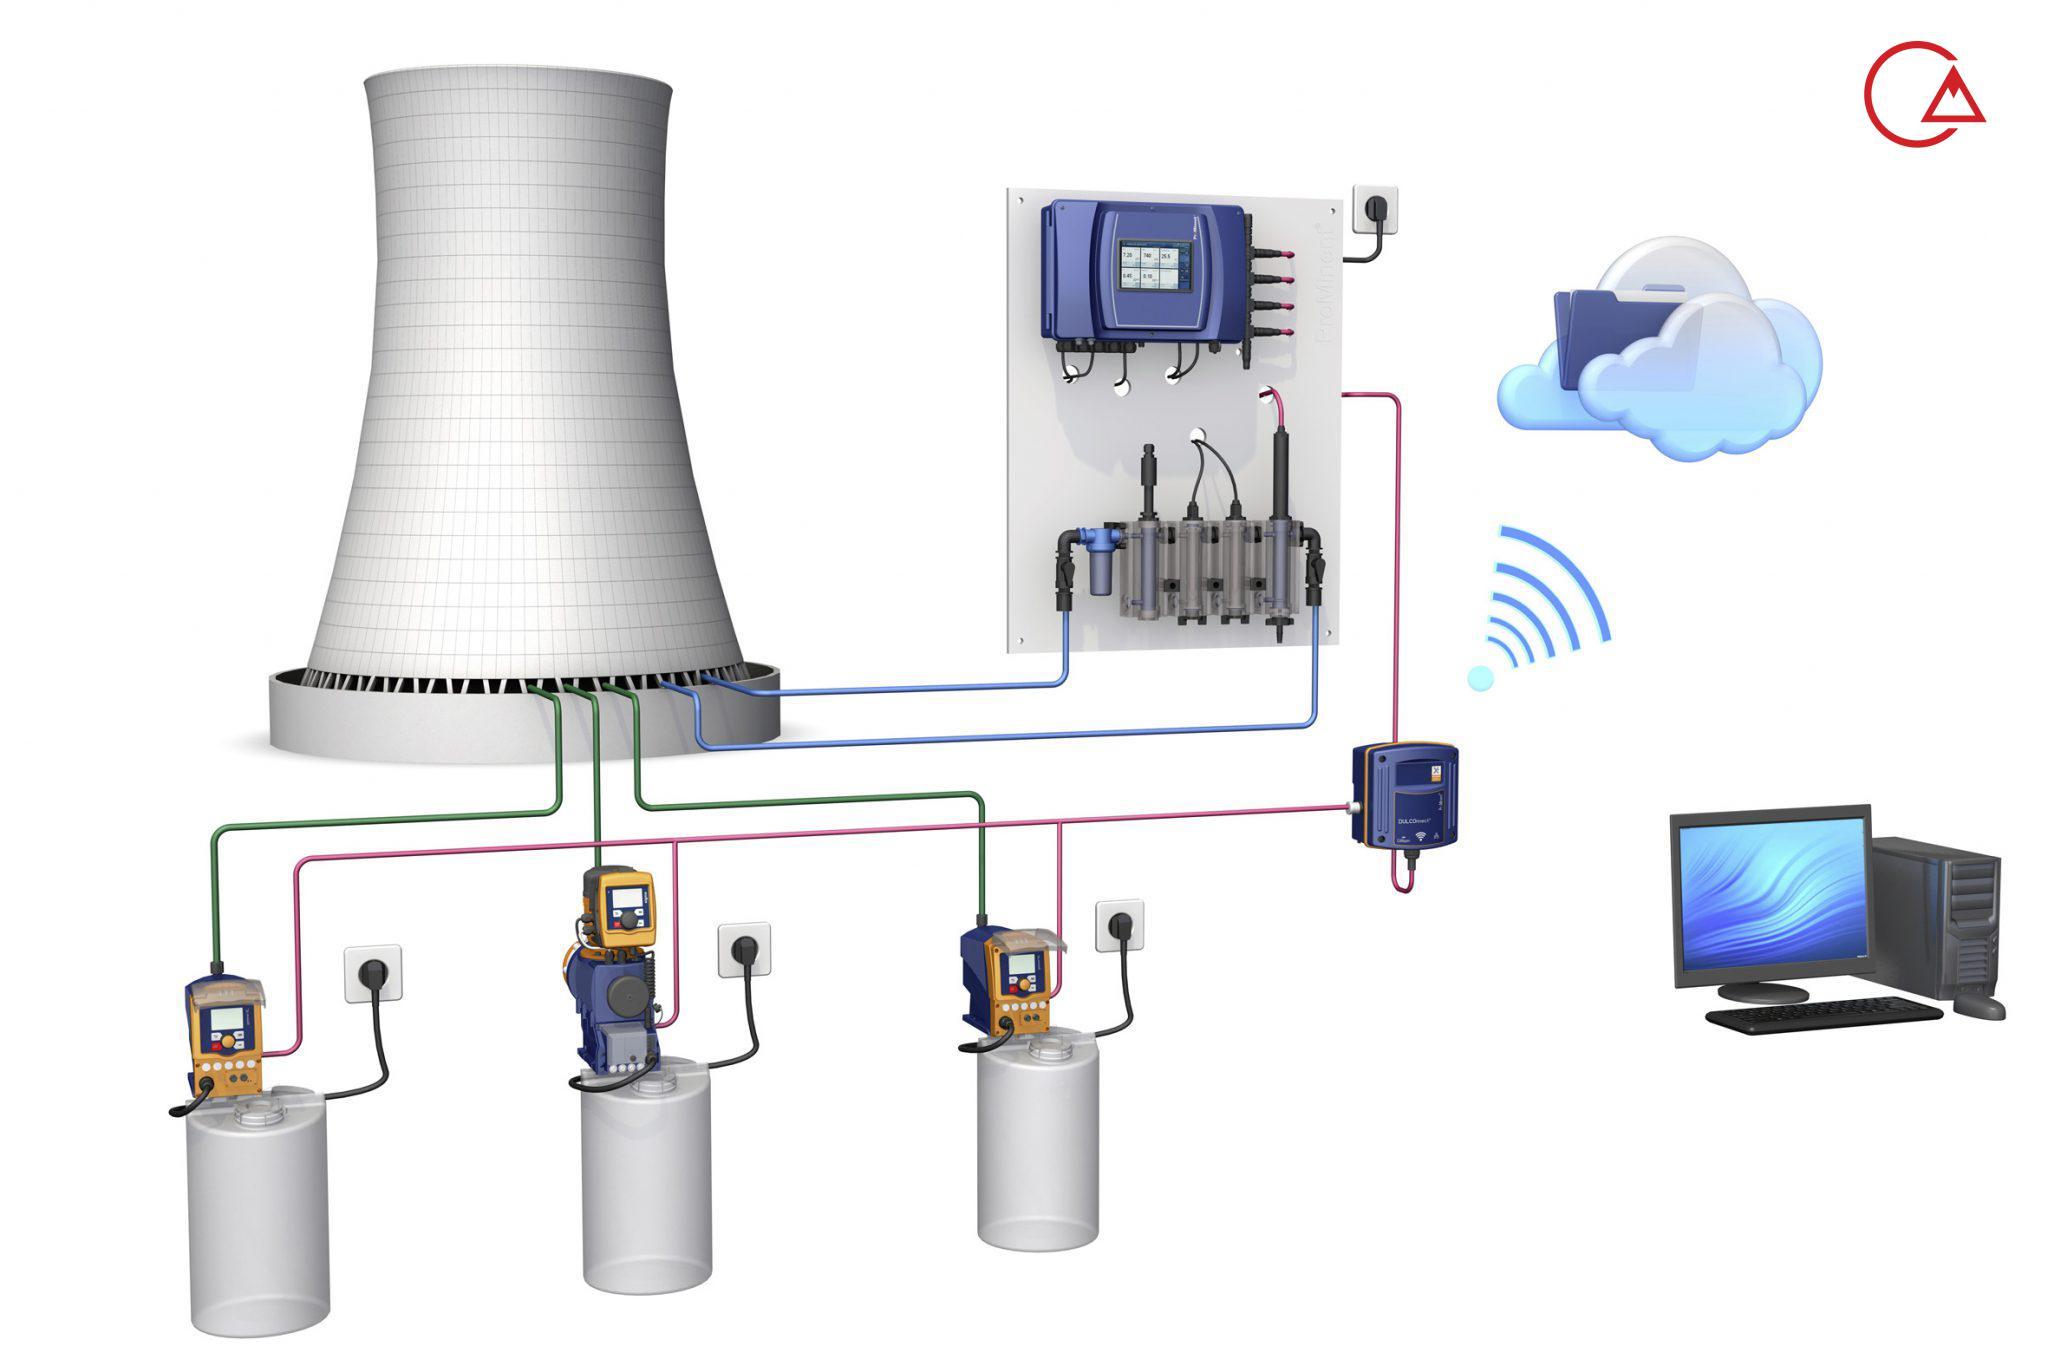 کولینگ تاور آنلاین کنترل پارامترهای آب